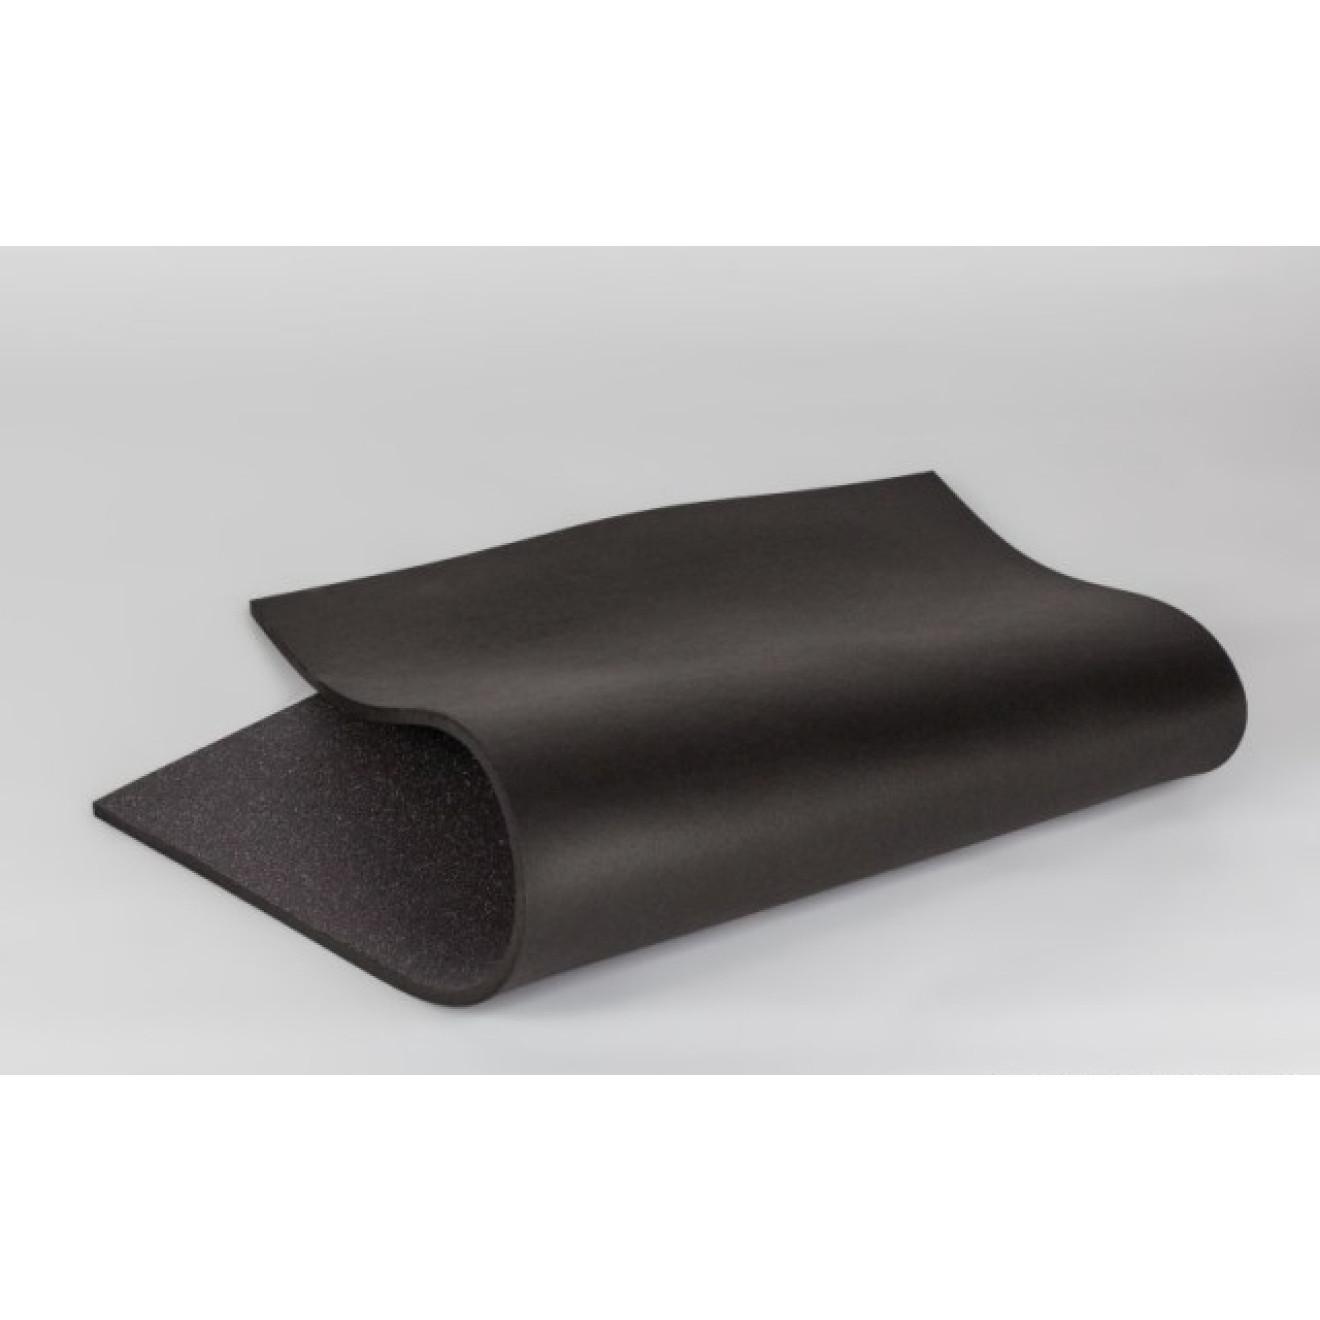 planer schaumstoff zum schallschutz. Black Bedroom Furniture Sets. Home Design Ideas